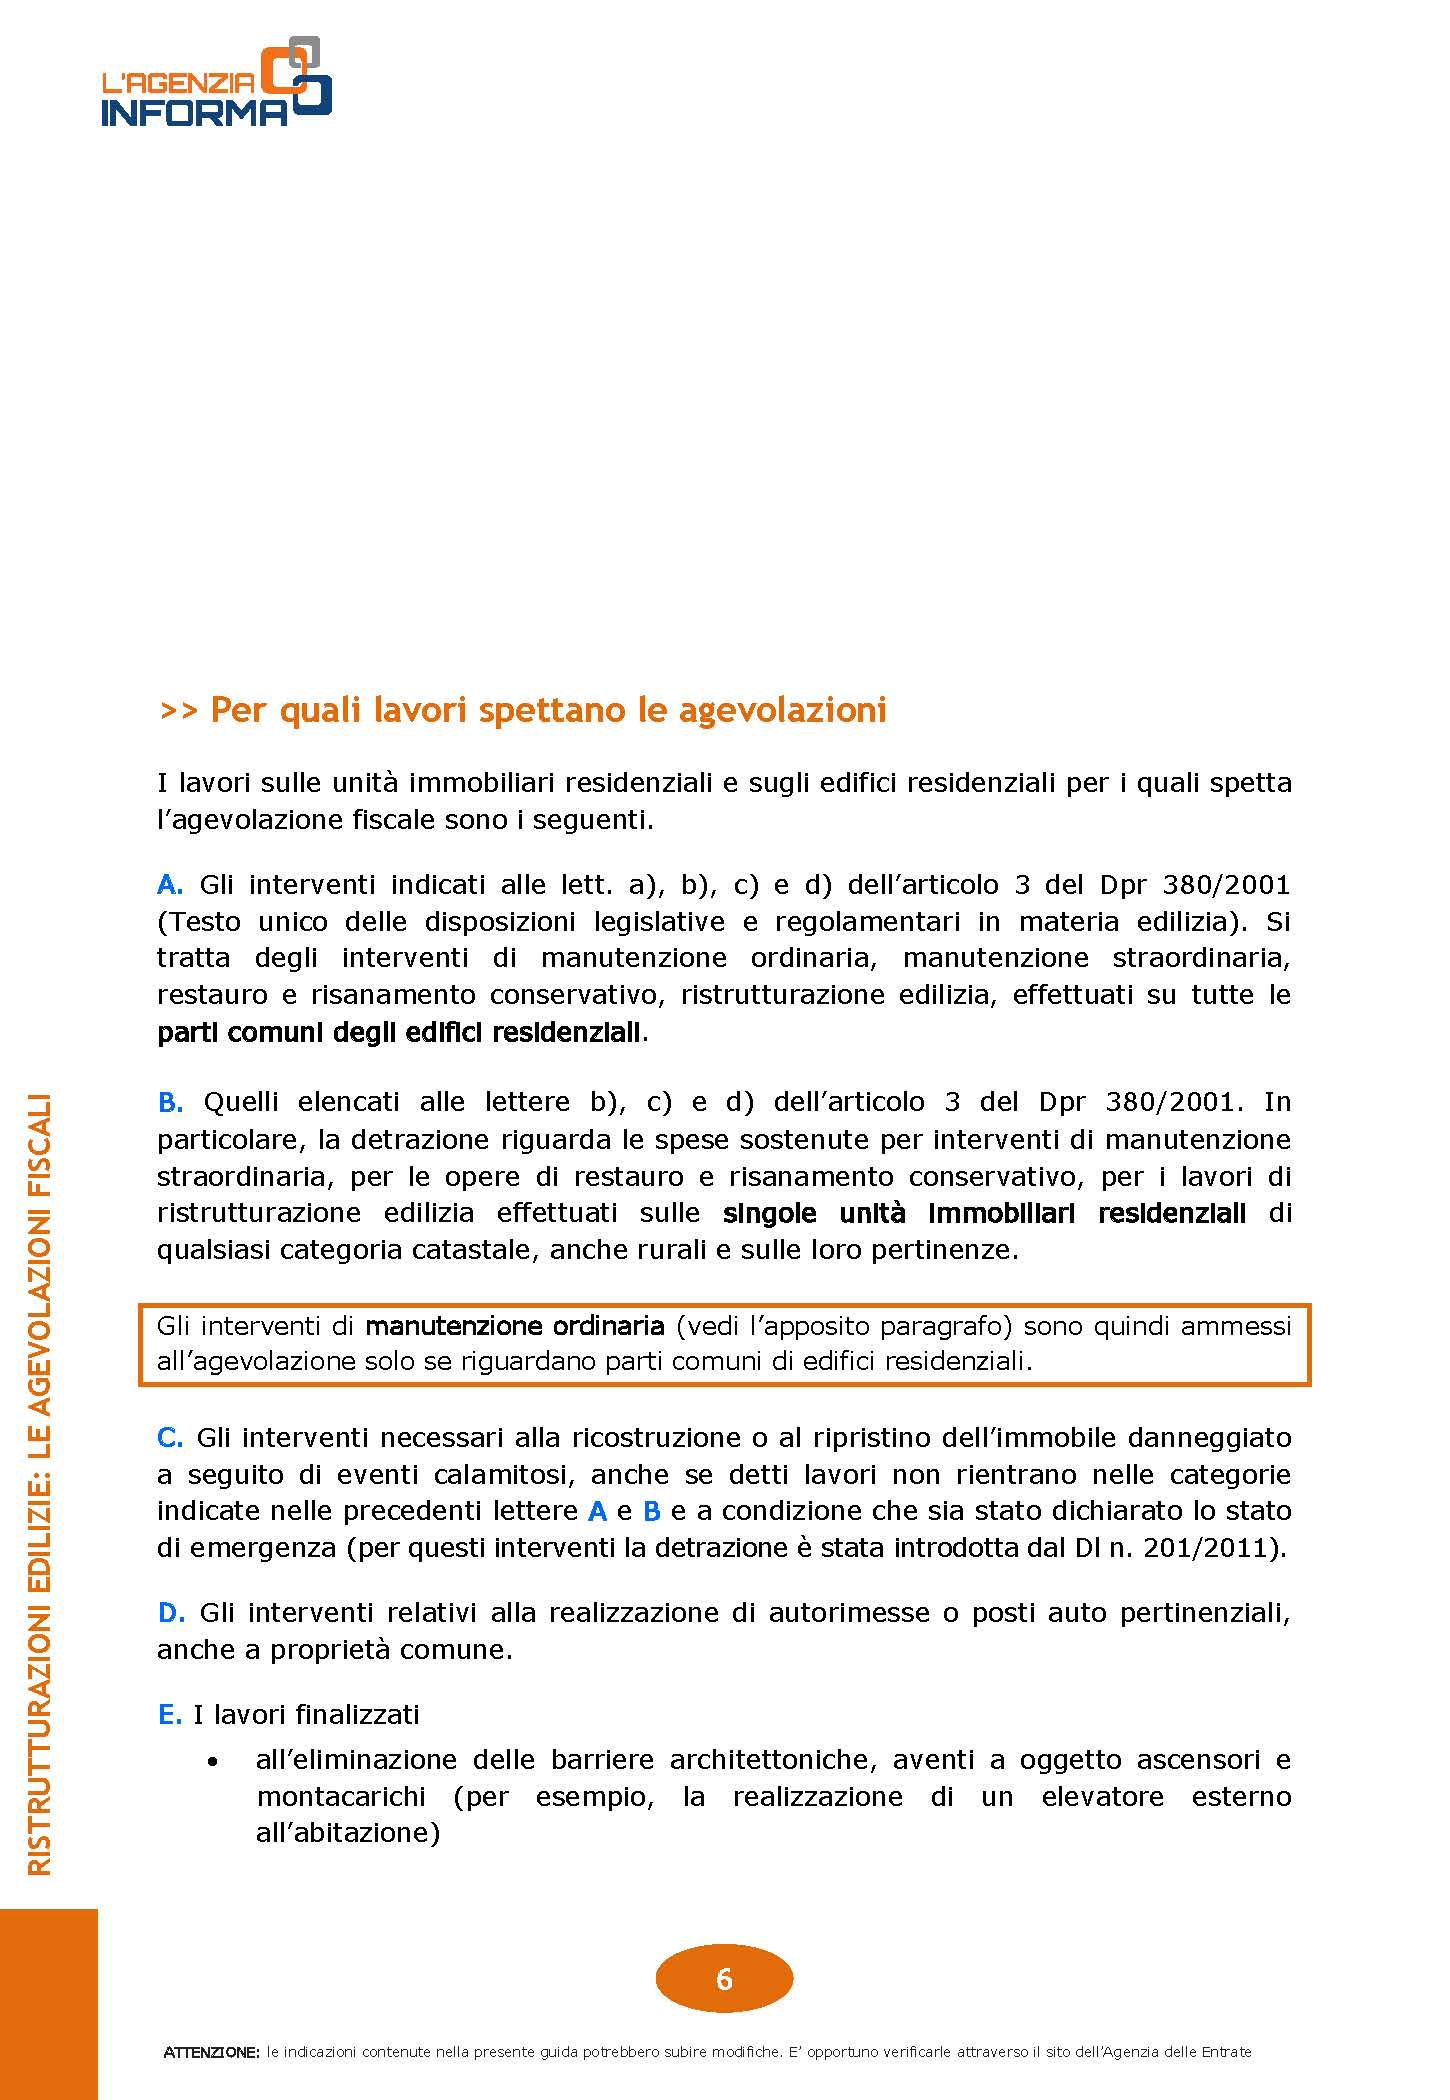 guida_ristrutturazioni_edilizie_marzo2016-7